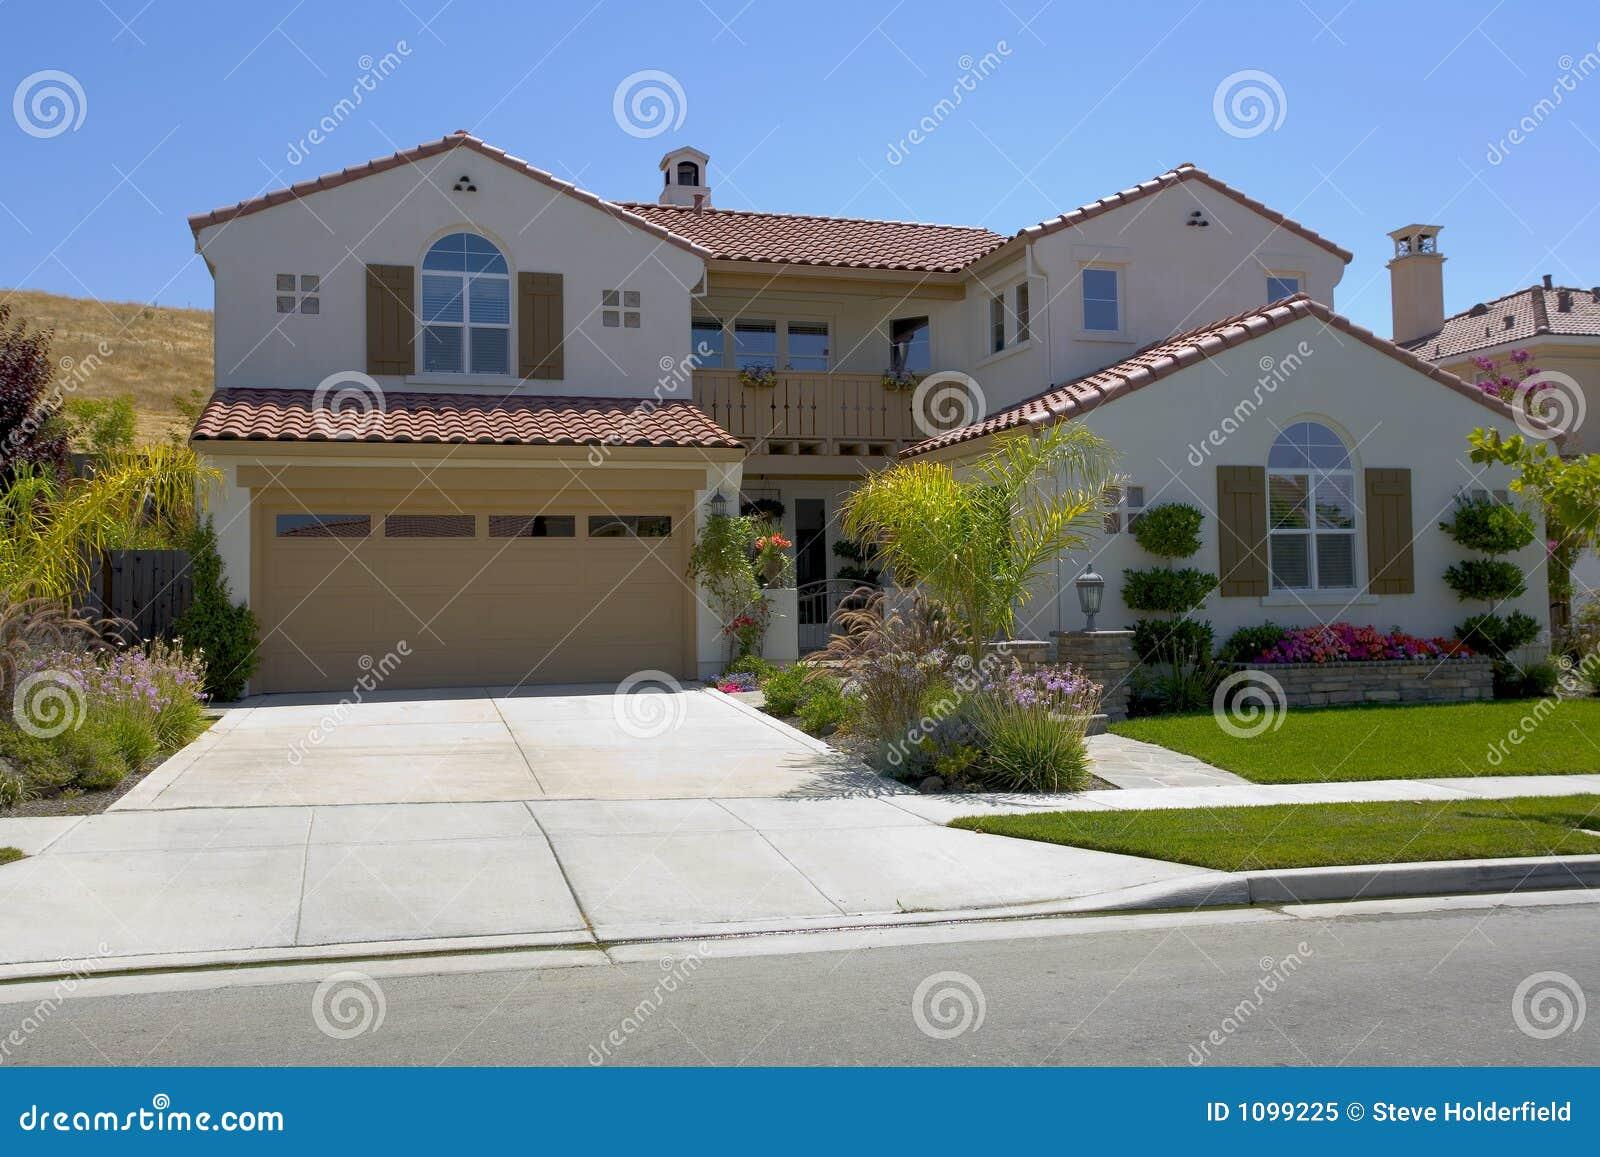 Grande maison m diterran enne two story de type photo libre de droits image - Rever d une grande maison ...